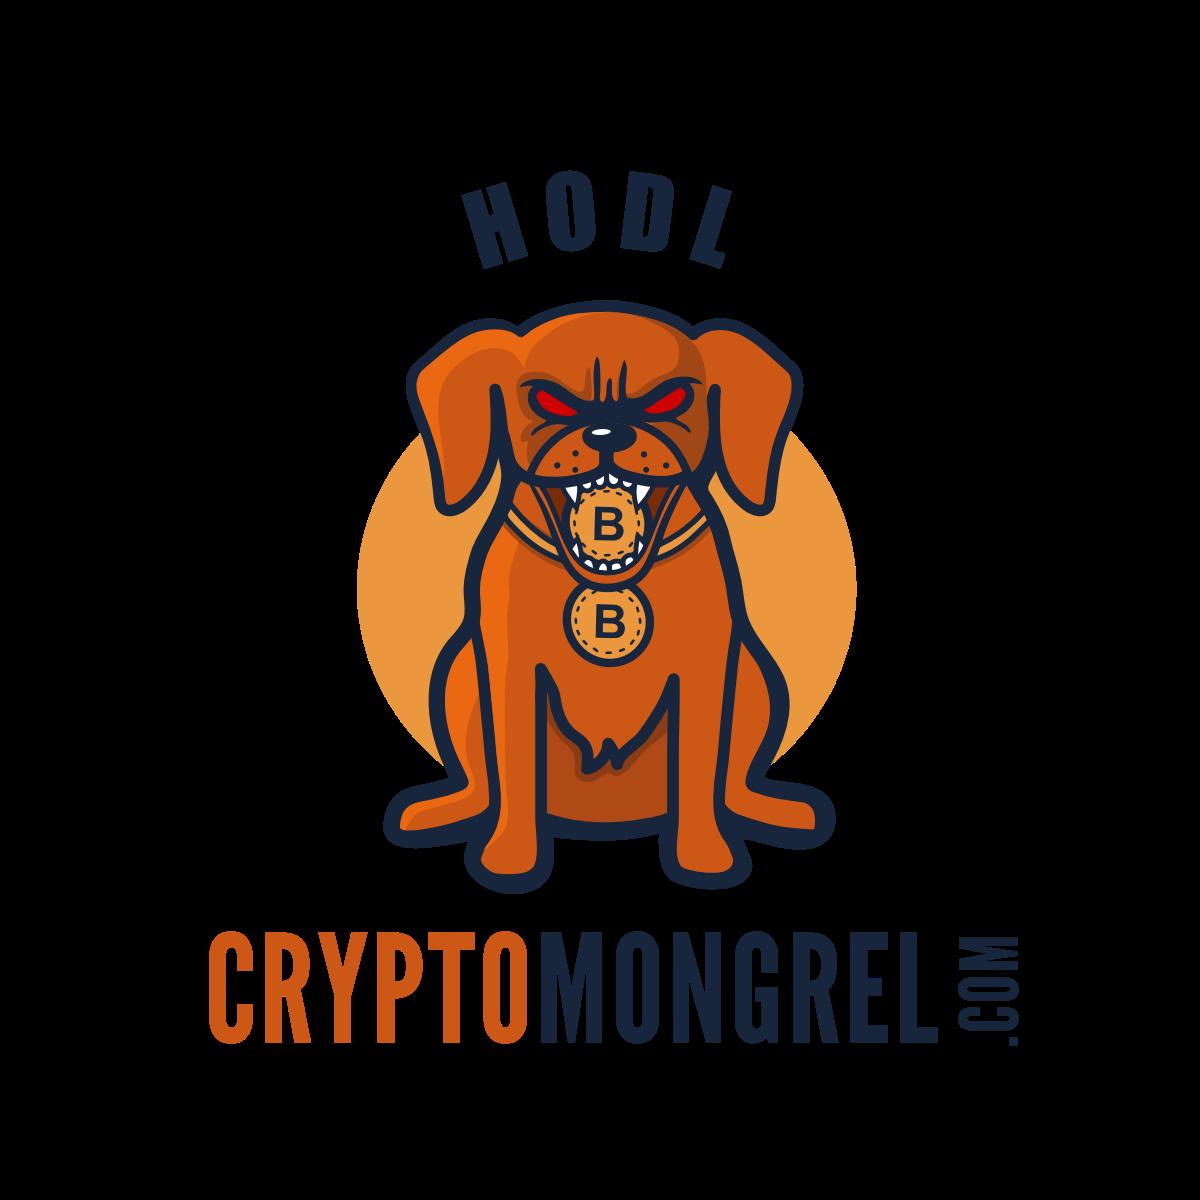 More Design Ideas For CryptoMongrel